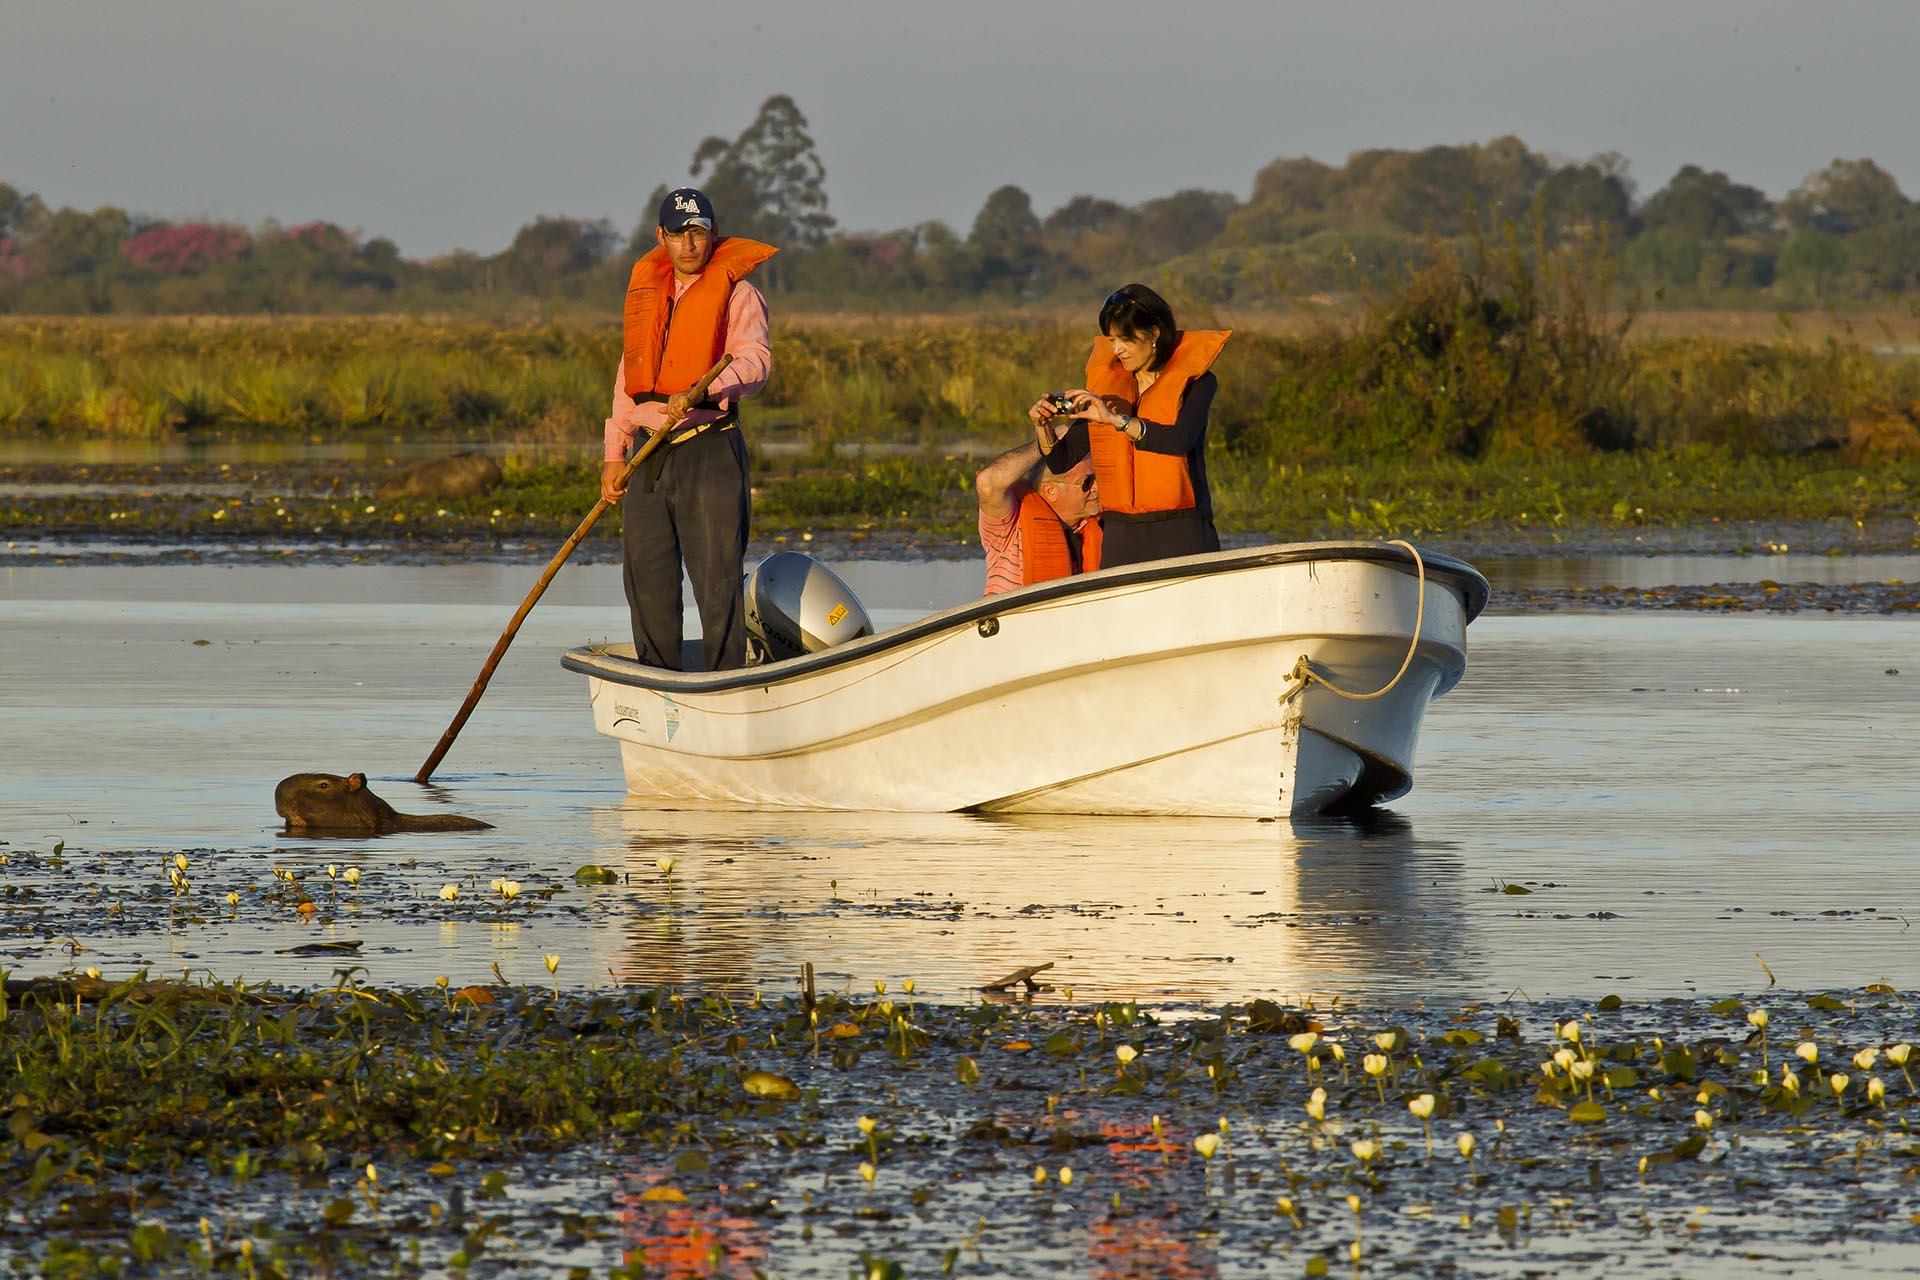 Una de sus lagunas más importantes es la Iberá, con 5500 hectáreas. Al navegar por ella y sus canales, se ve la curiosa formación de embalsados y de plantas acuáticas, además de los animales en su hábitat natural (las primeras horas de la mañana y del atardecer despliegan más actividad, así que son los mejores momentos para observarlos)